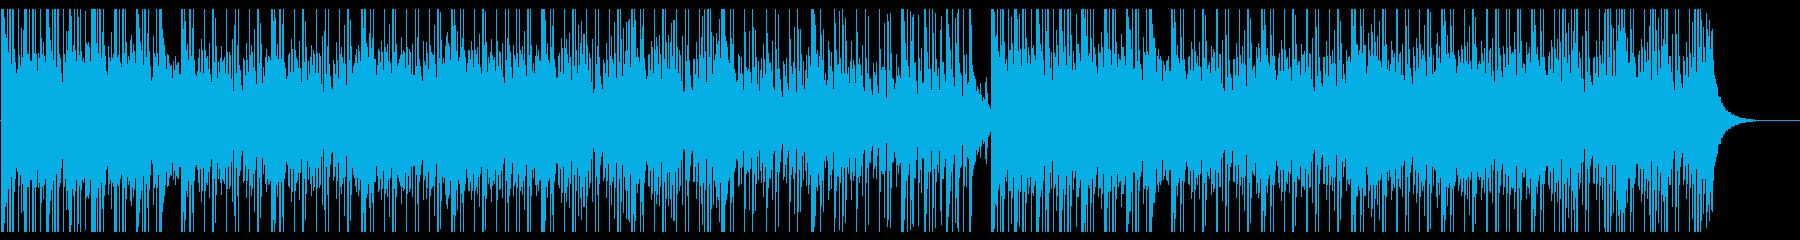 緊迫感、疾走感のあるBGMの再生済みの波形